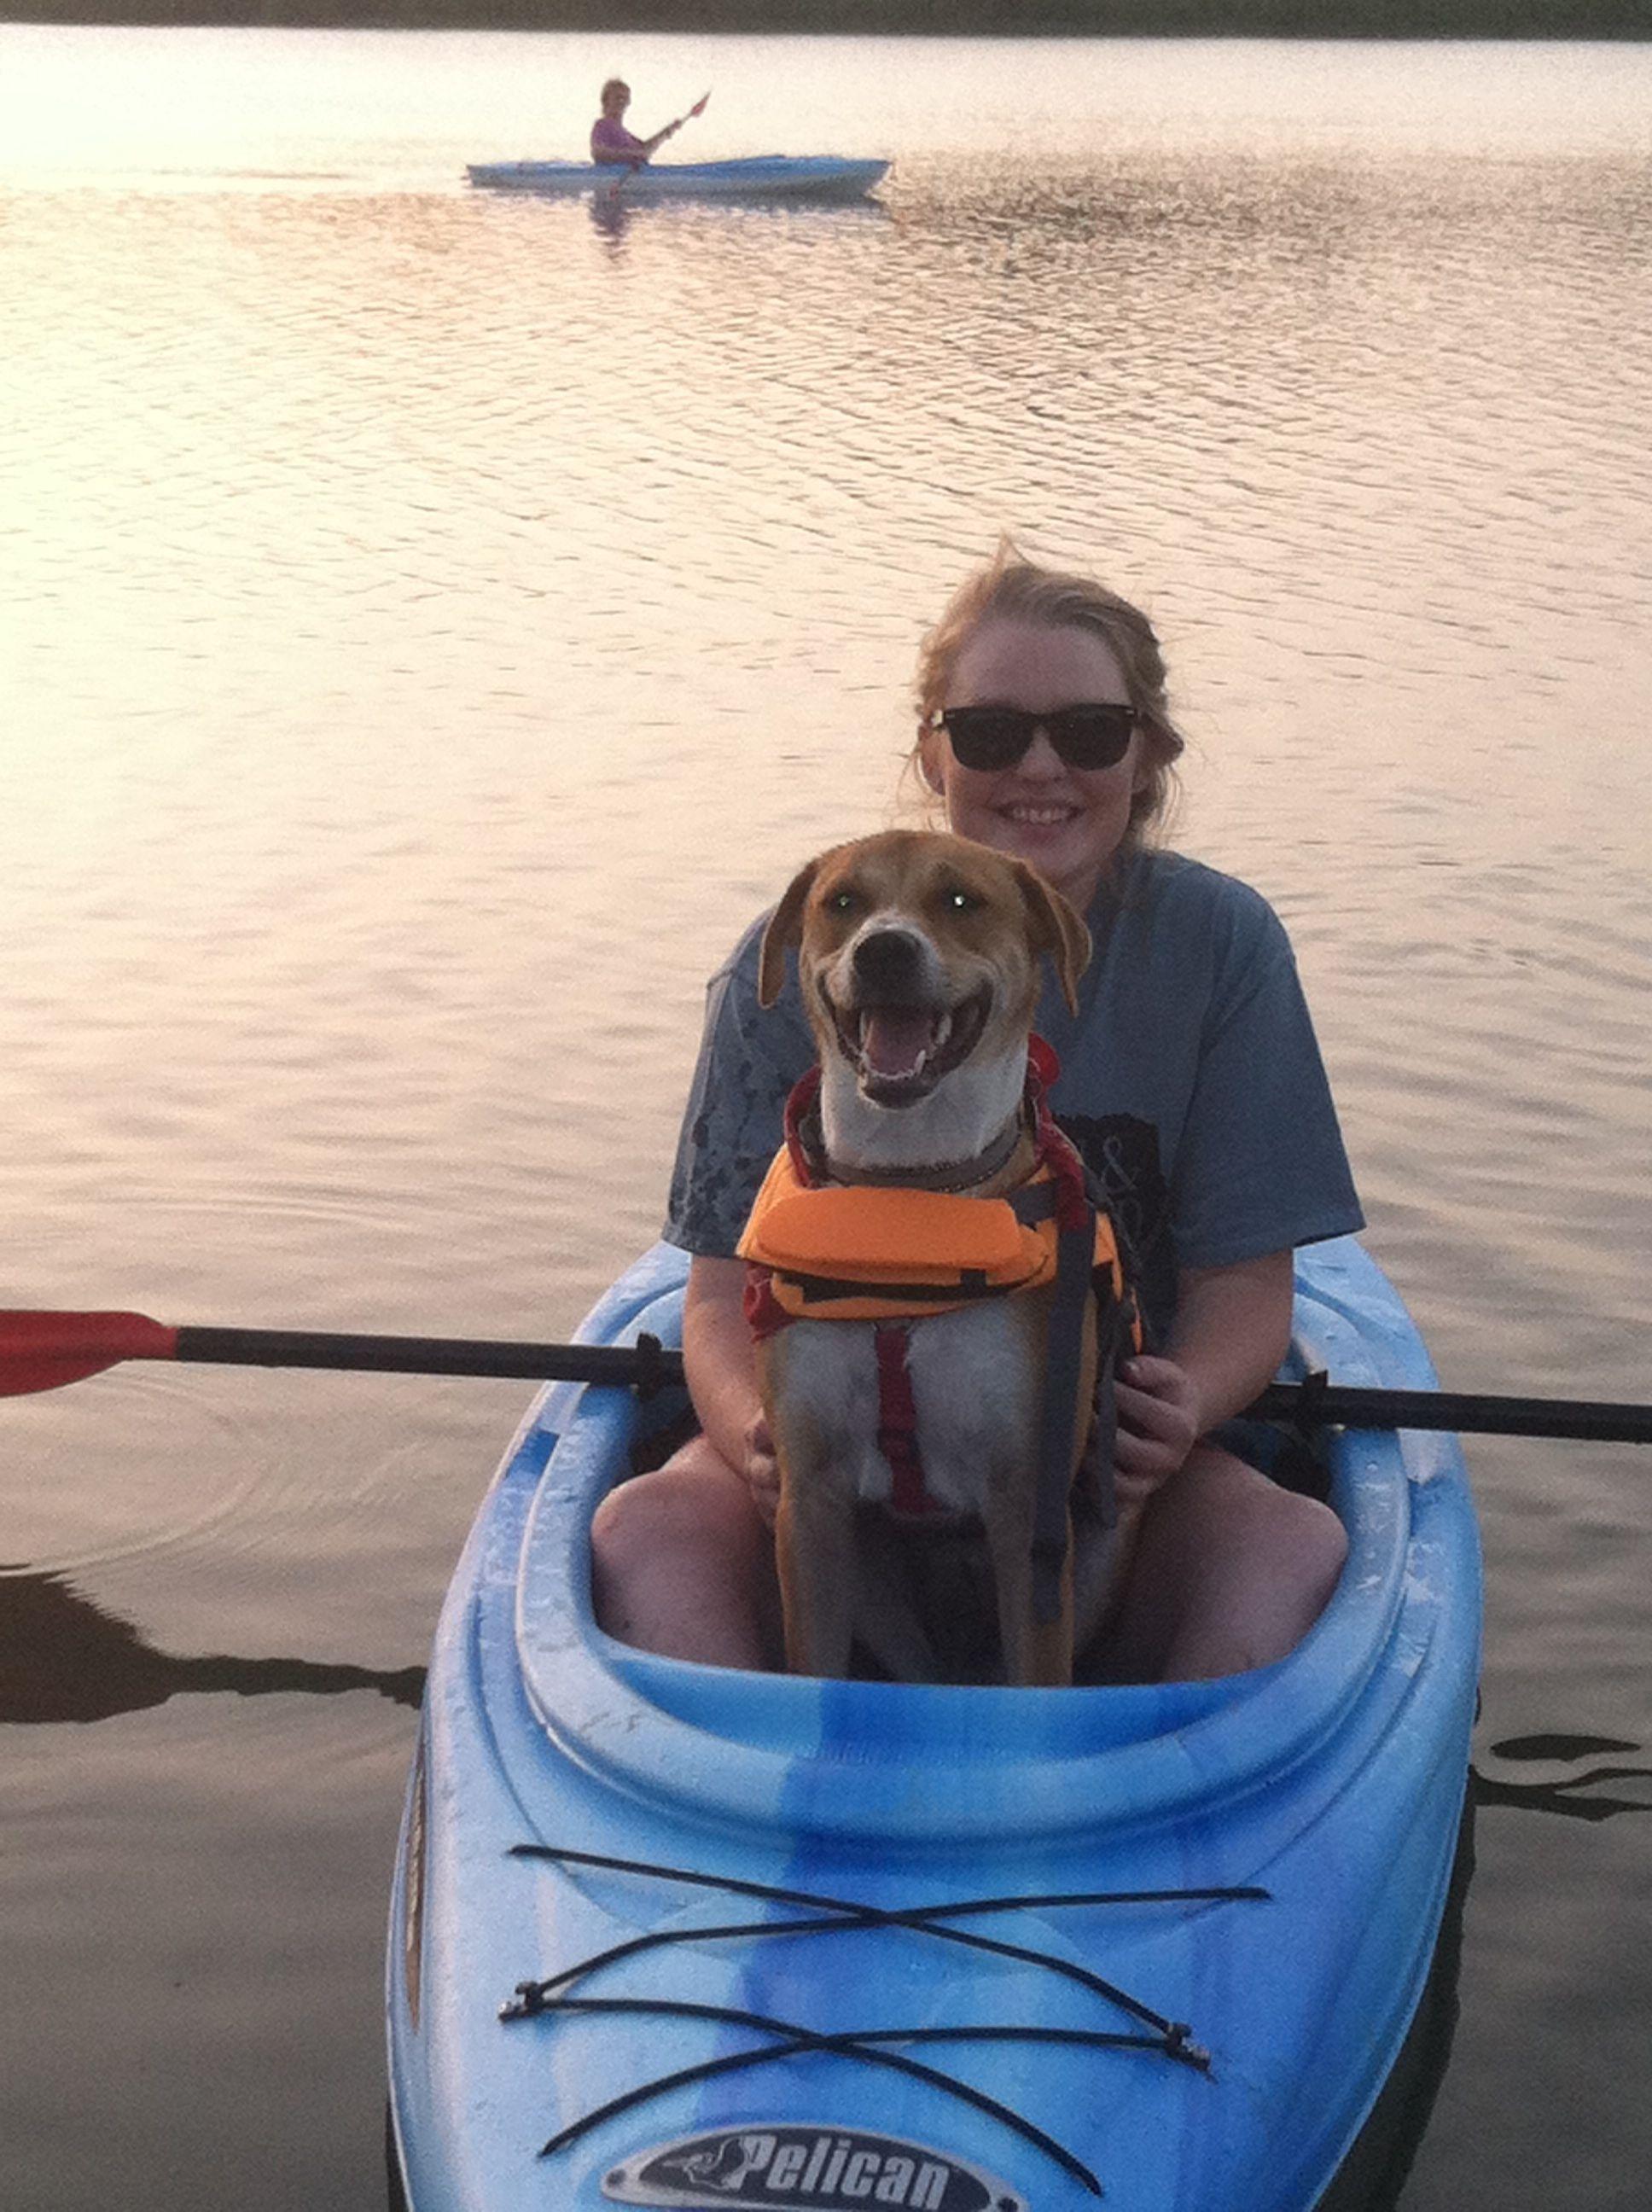 Kayaking The Llano River Jaxonthedog Llanotexas Take A